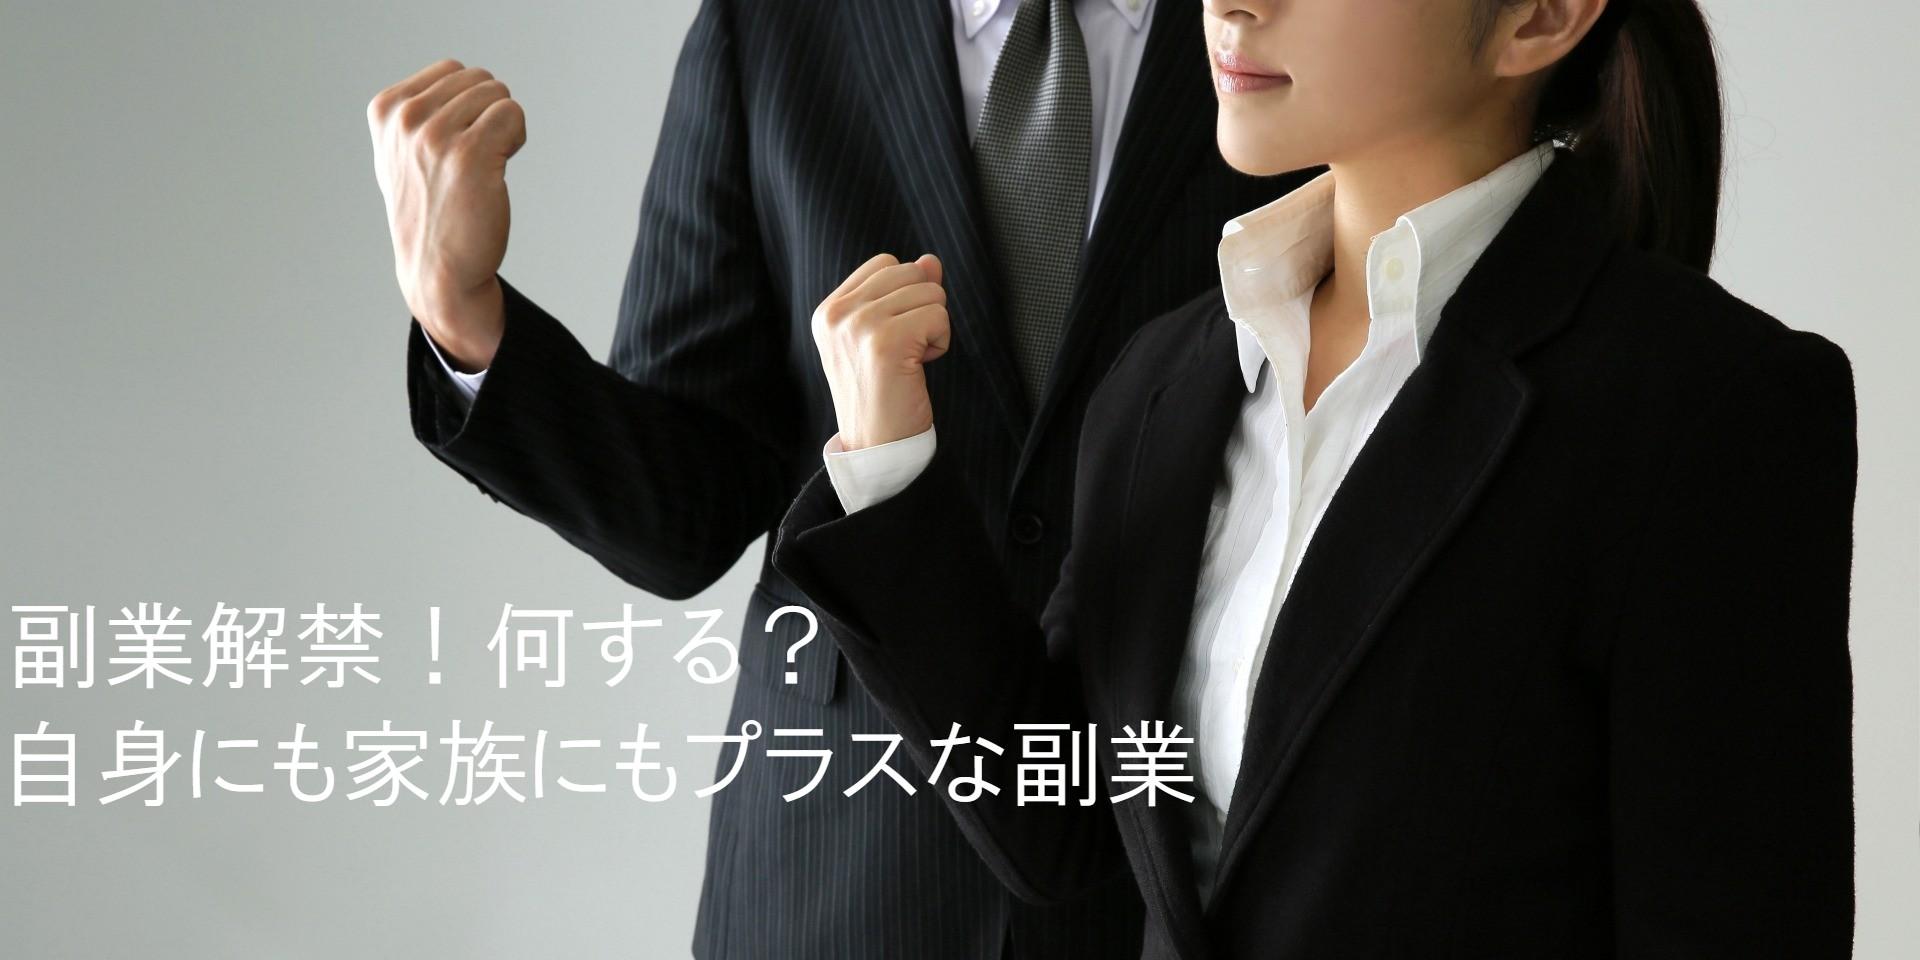 東京療術学院 副業